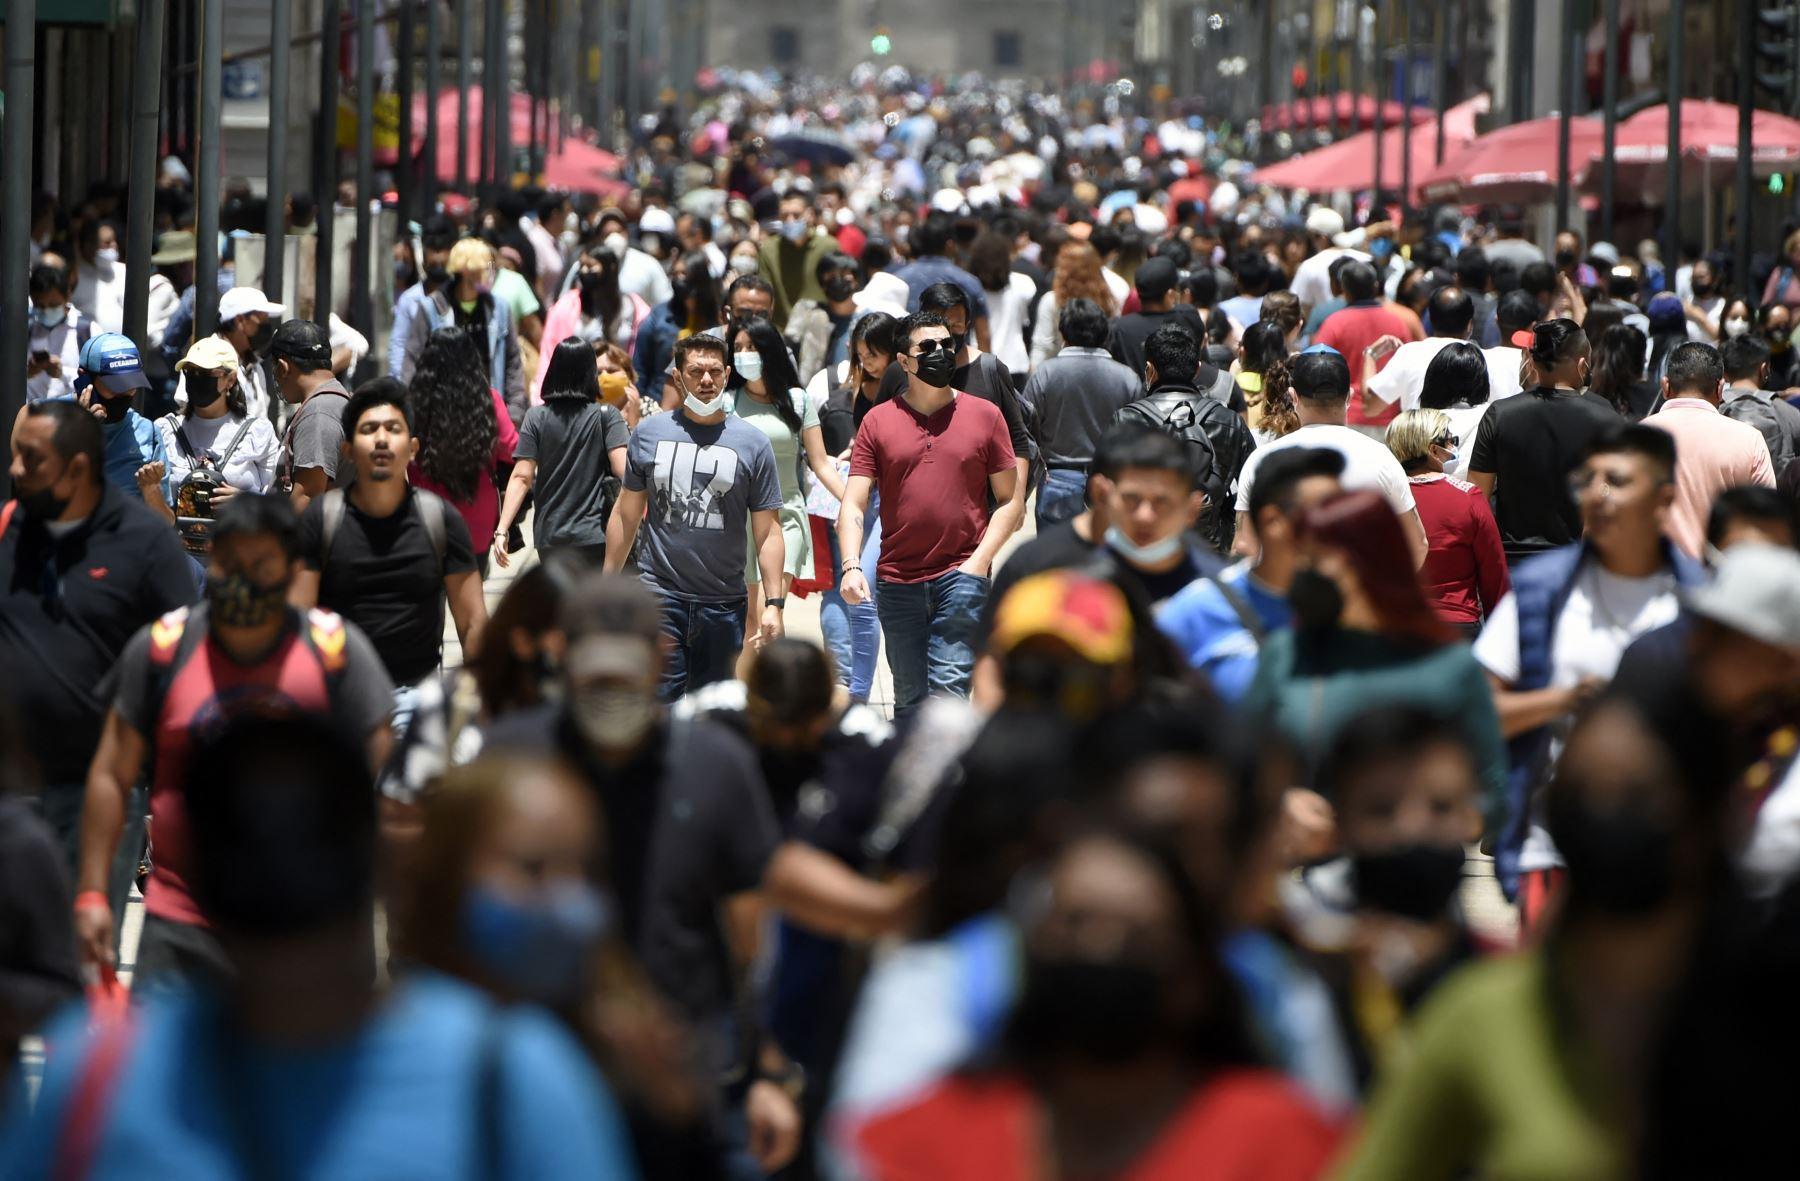 Multitud de personas caminando por las calles de la Ciudad de México en medio de la pandemia de COVID-19. Foto: AFP